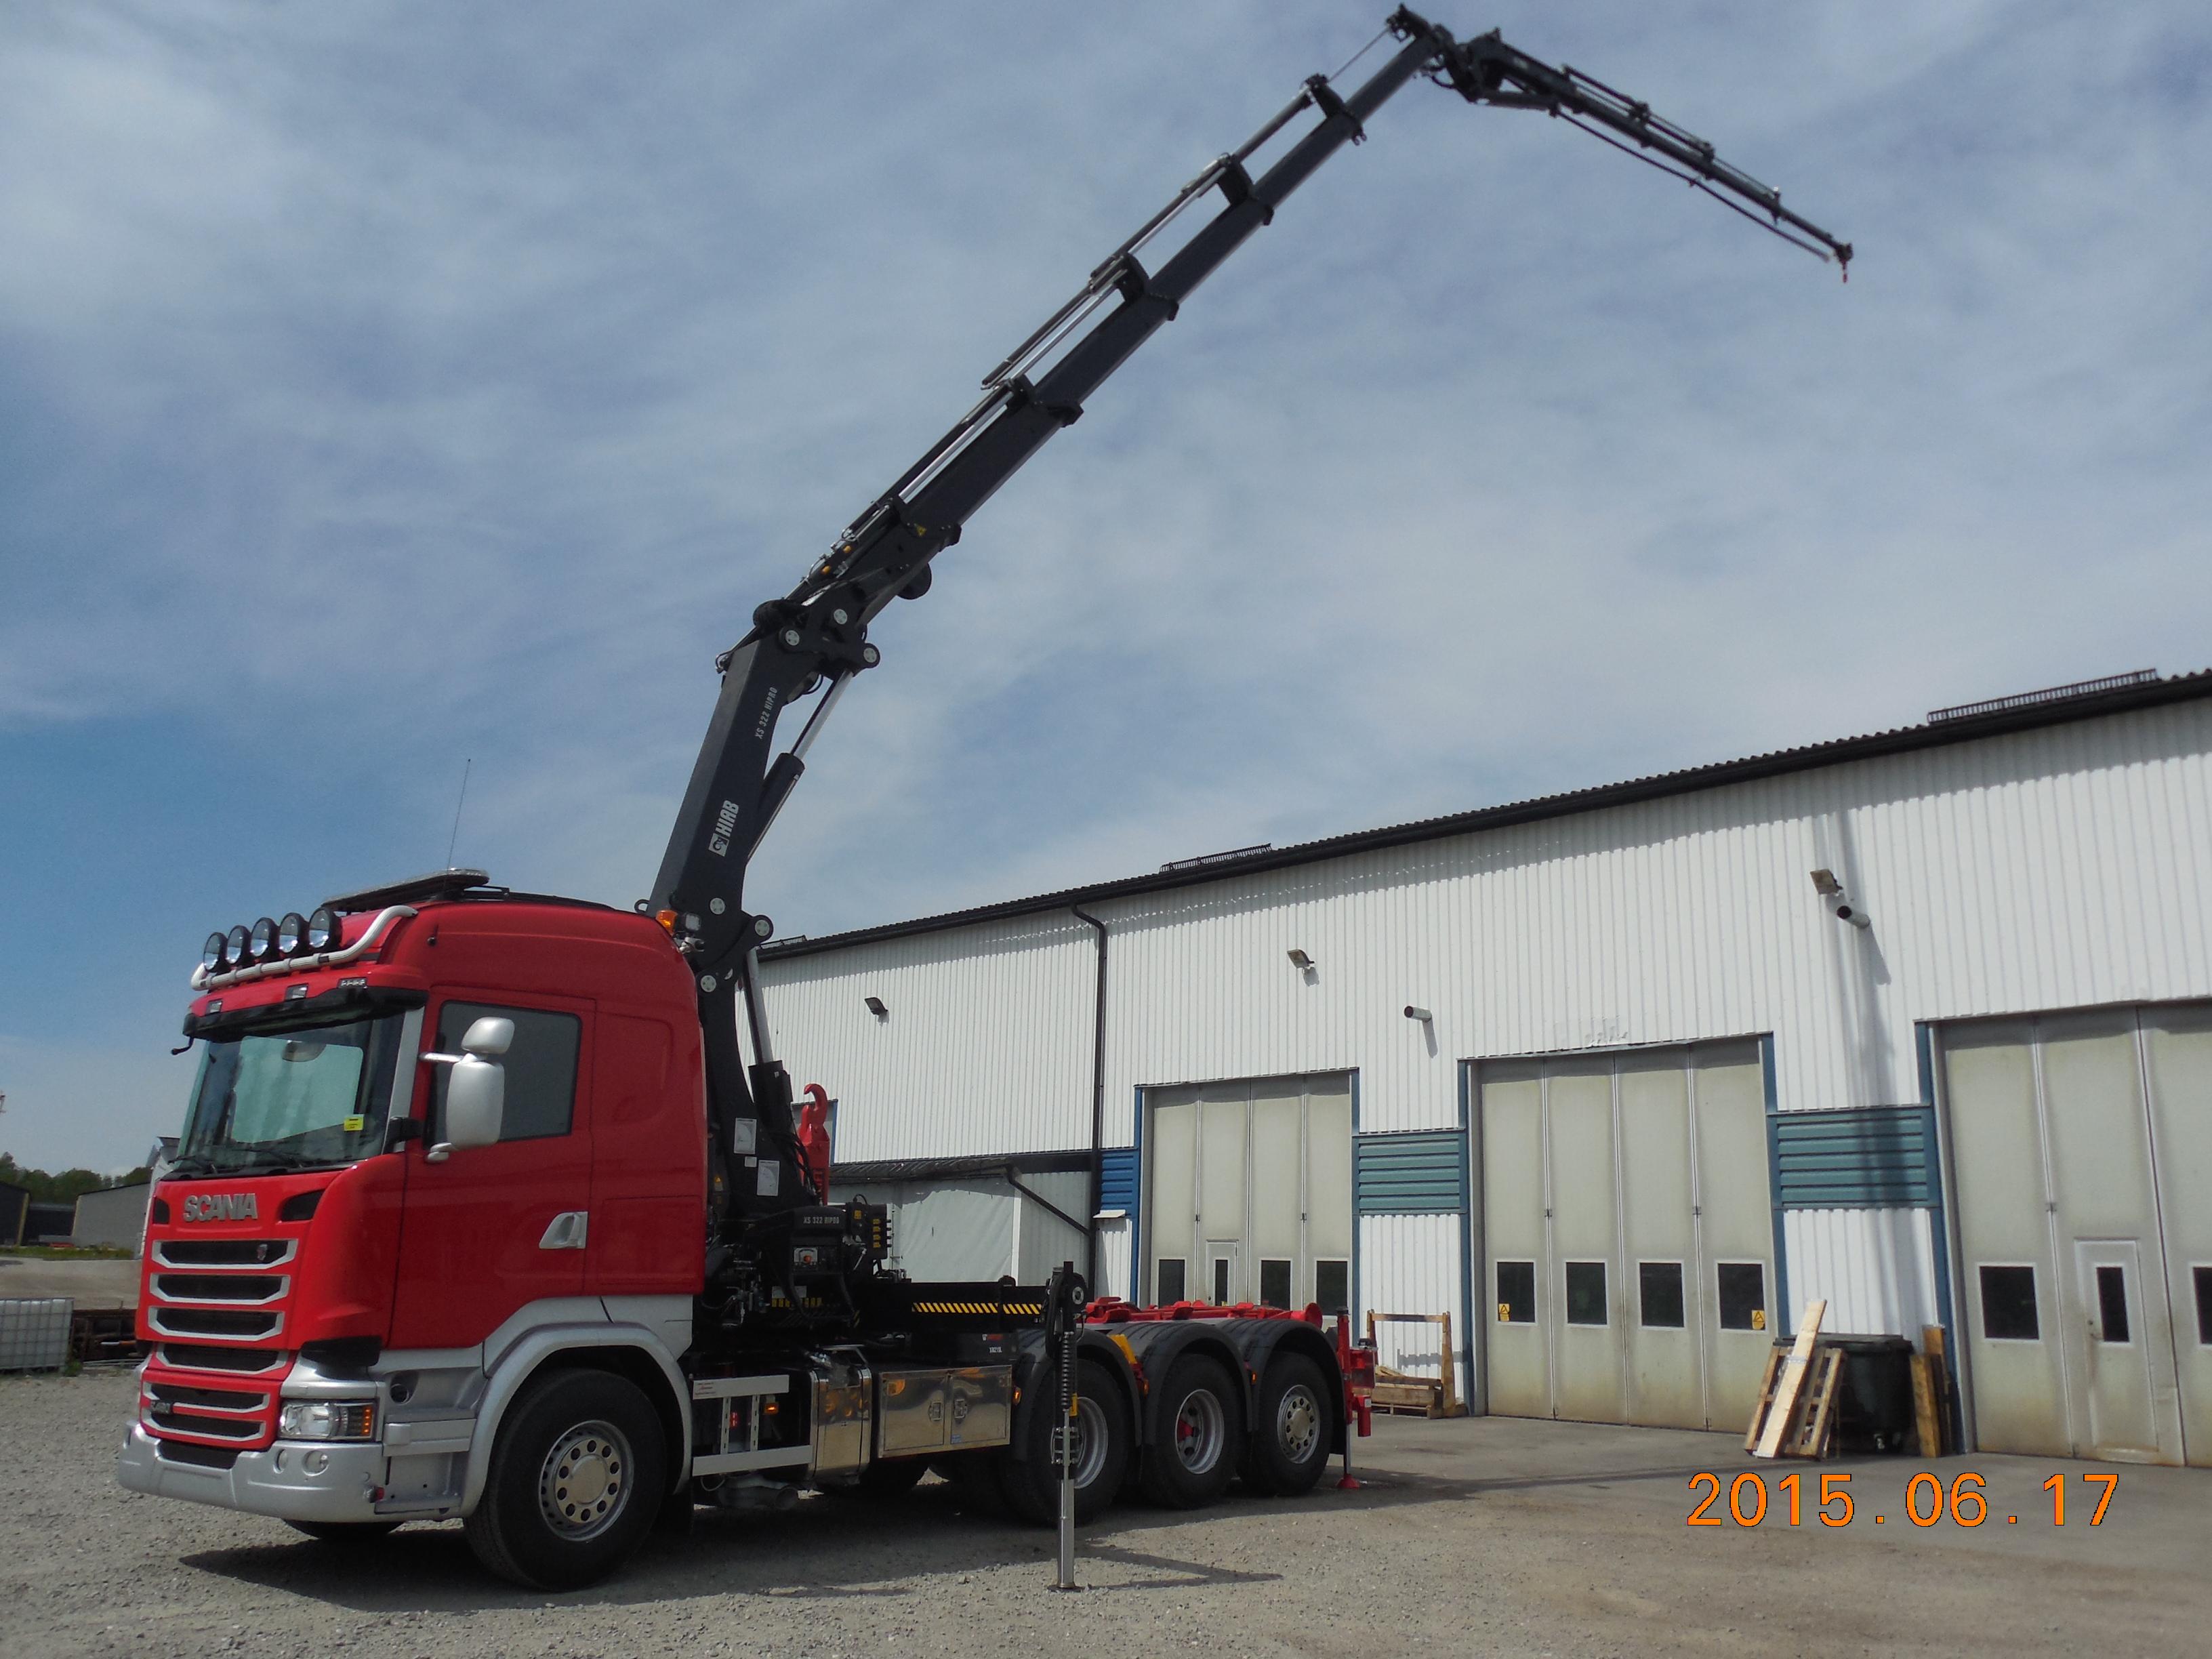 Scania 8x4 3,90 med Hiab 322E-5 med Jib, lastväxlare XR21